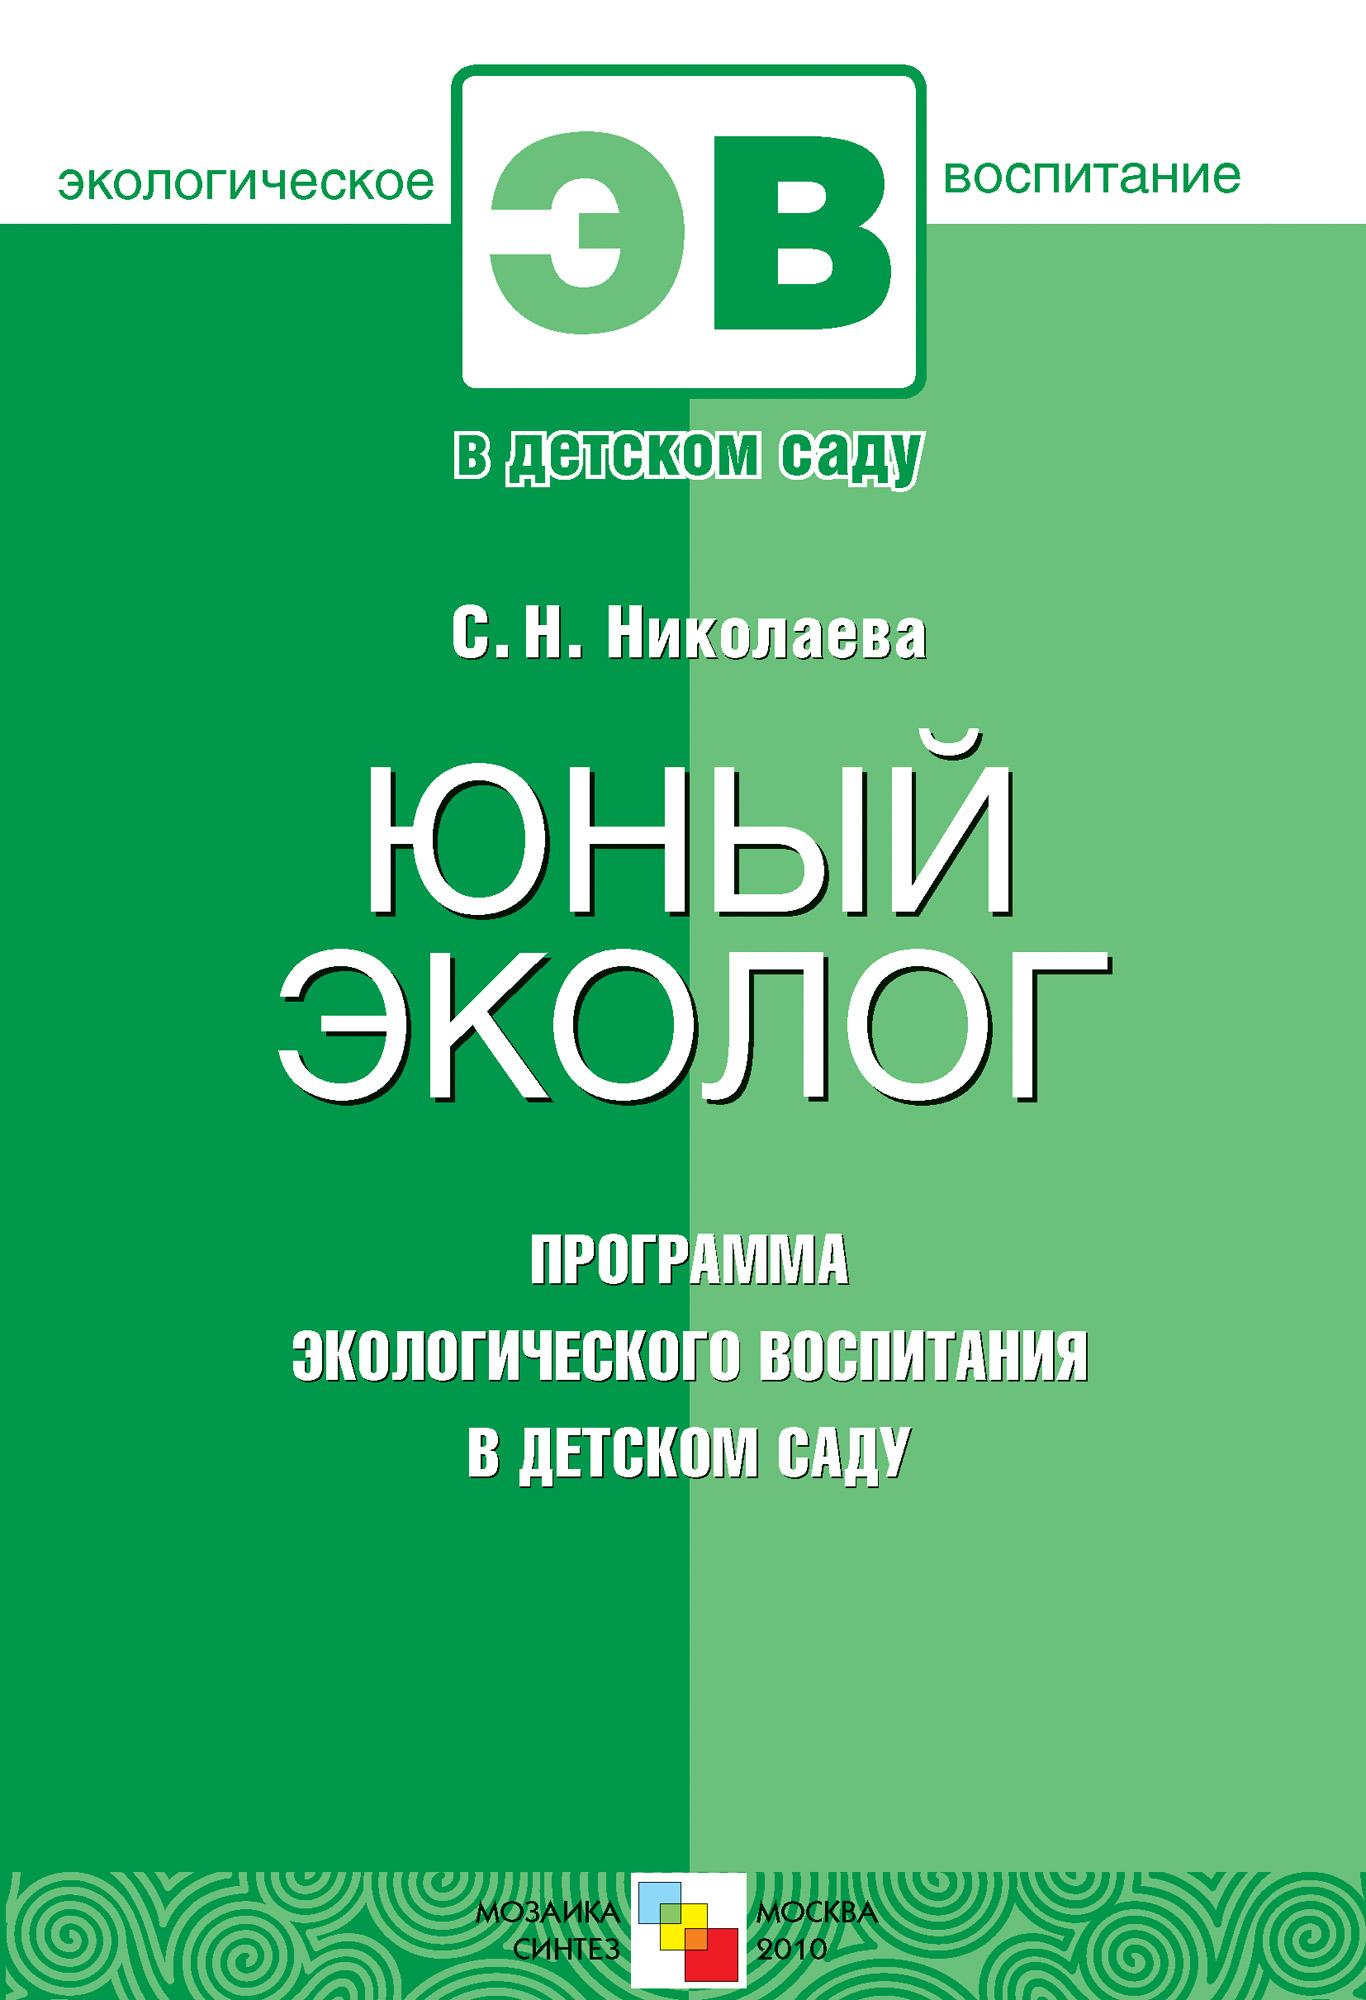 все цены на С. Н. Николаева Юный эколог. Программа экологического воспитания в детском саду онлайн